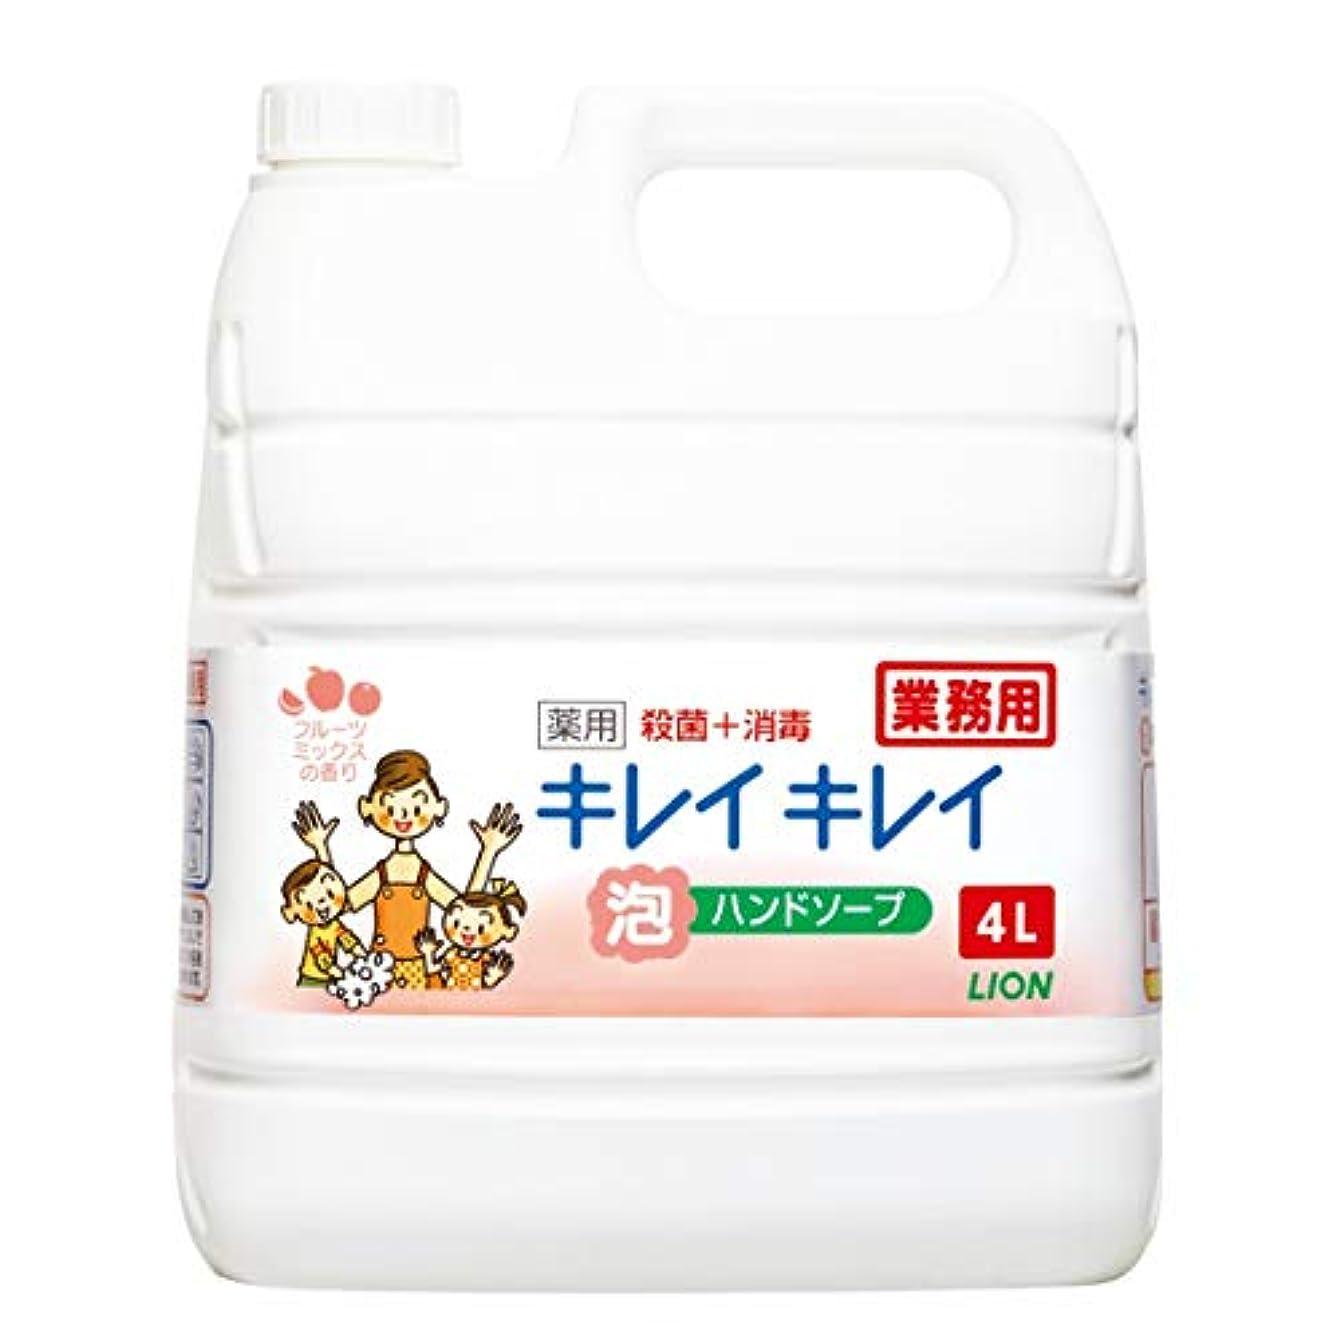 信頼護衛ビート【業務用 大容量】キレイキレイ 薬用 泡ハンドソープフルーツミックスの香り 4L(医薬部外品)